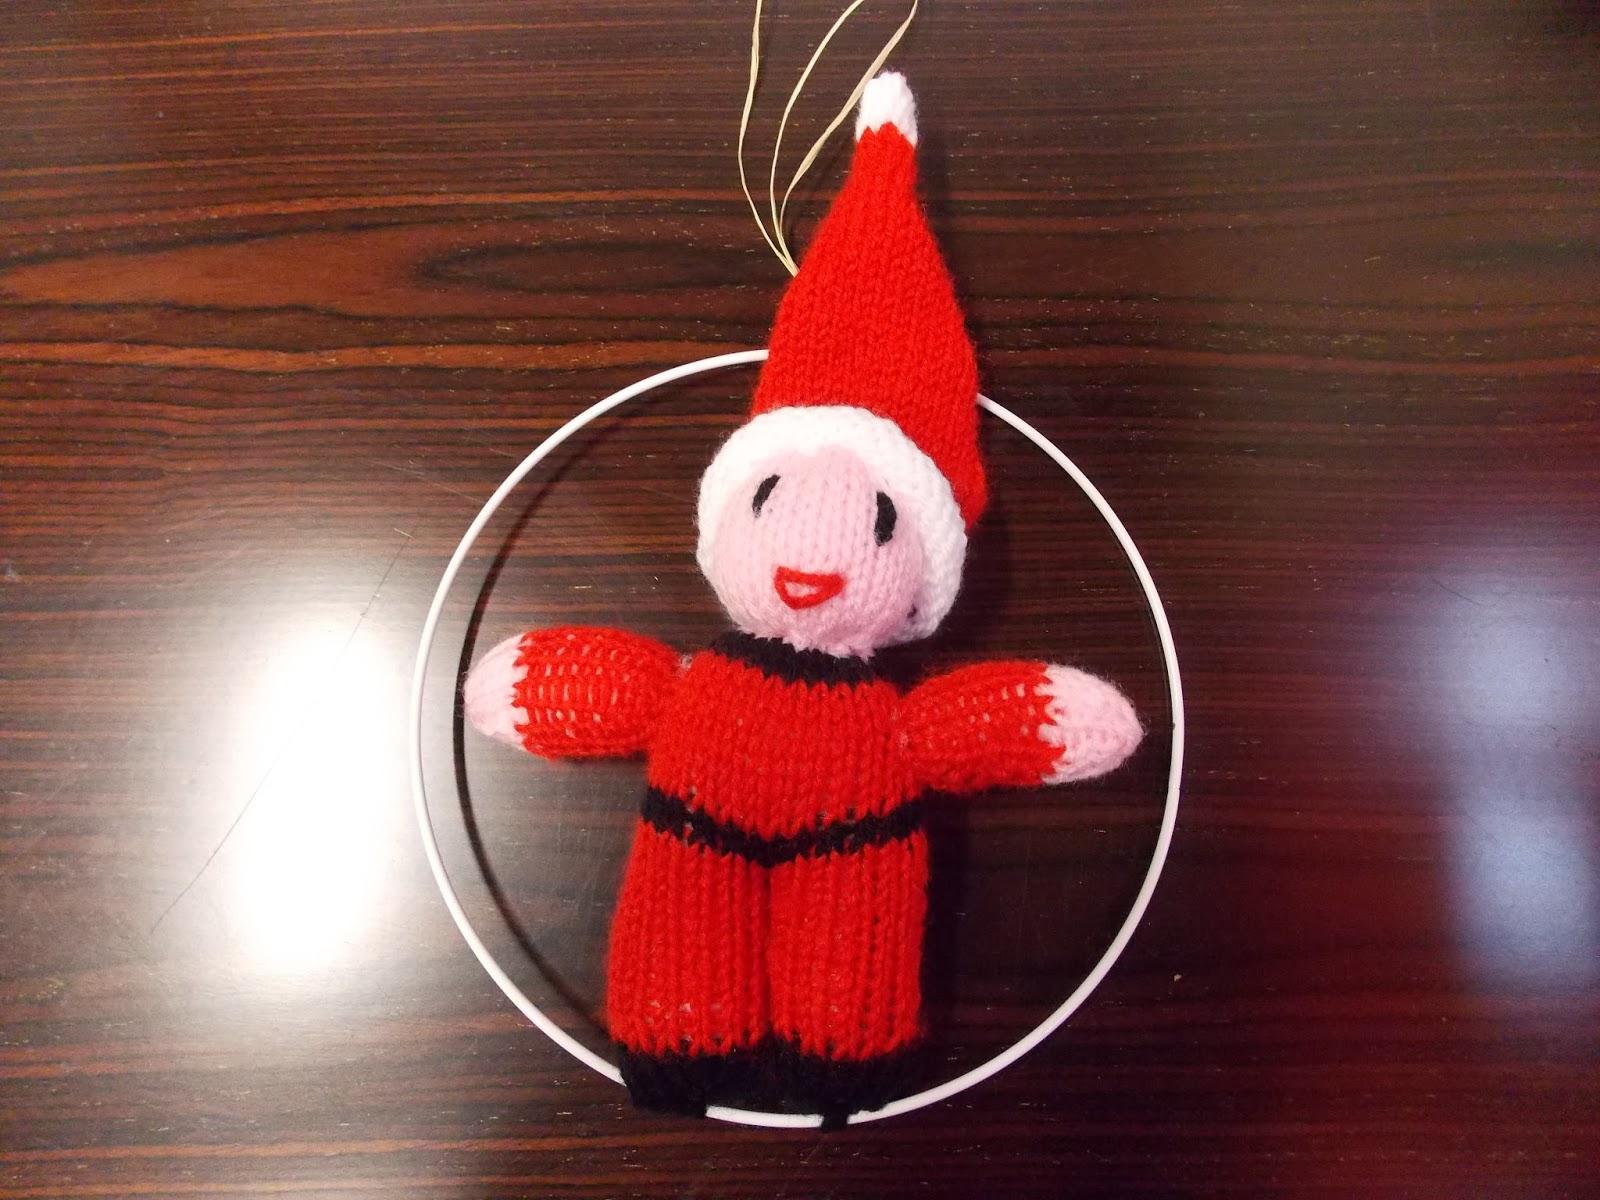 un mouton m 39 a dit tuto tricoter un doudou de noel. Black Bedroom Furniture Sets. Home Design Ideas